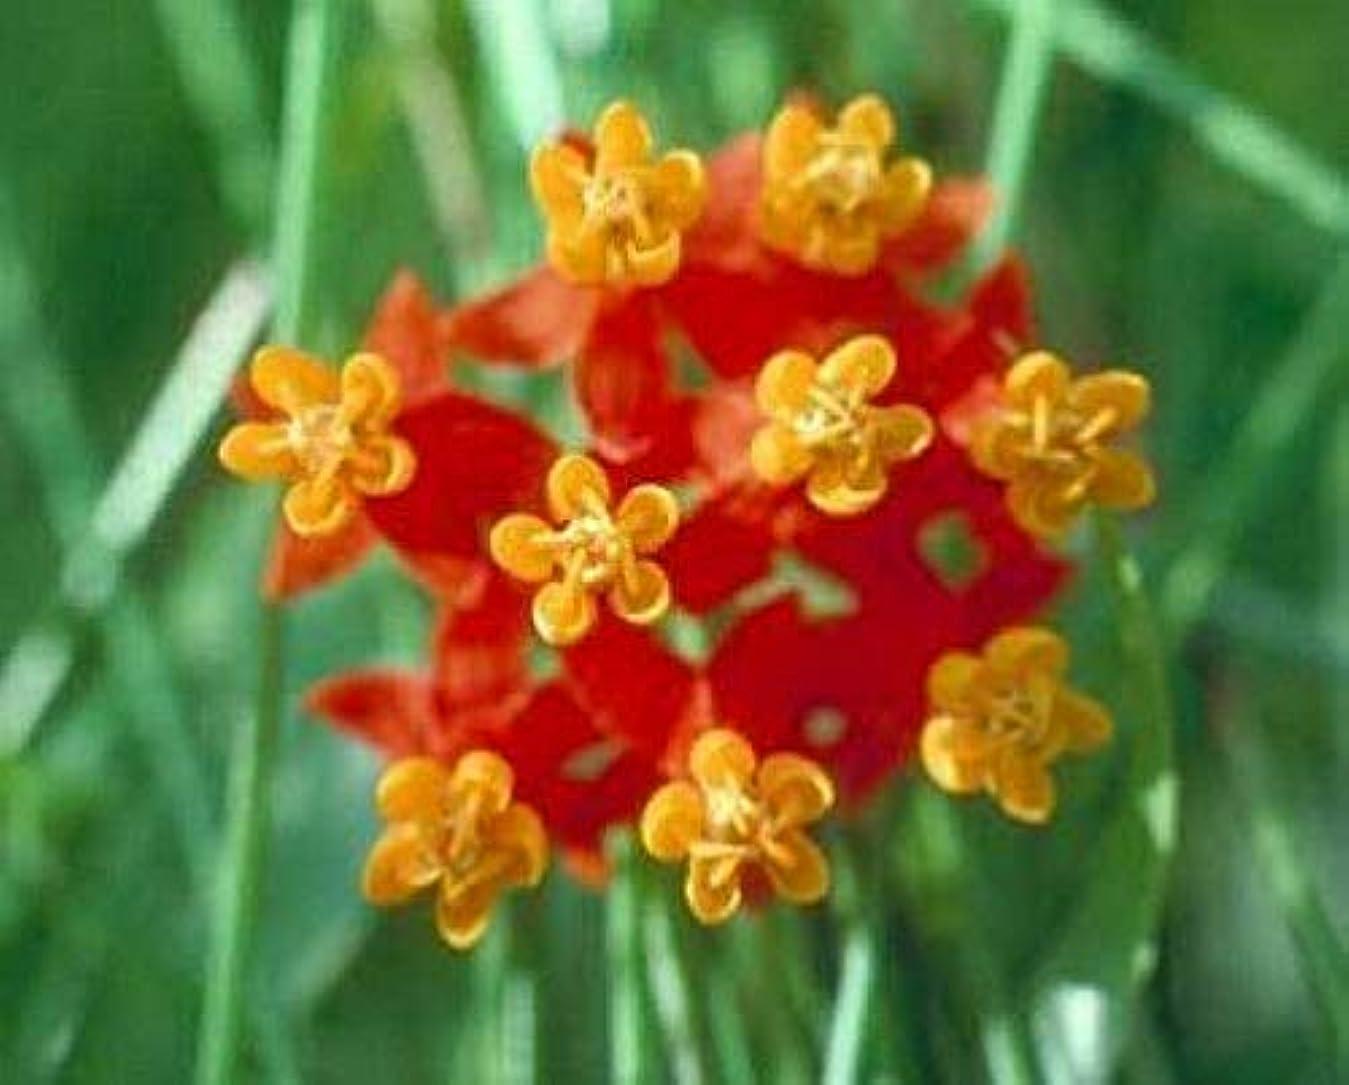 集団影響言う種子パッケージ:トウワタレッドerfly(モナークホスト種子)10個の種子